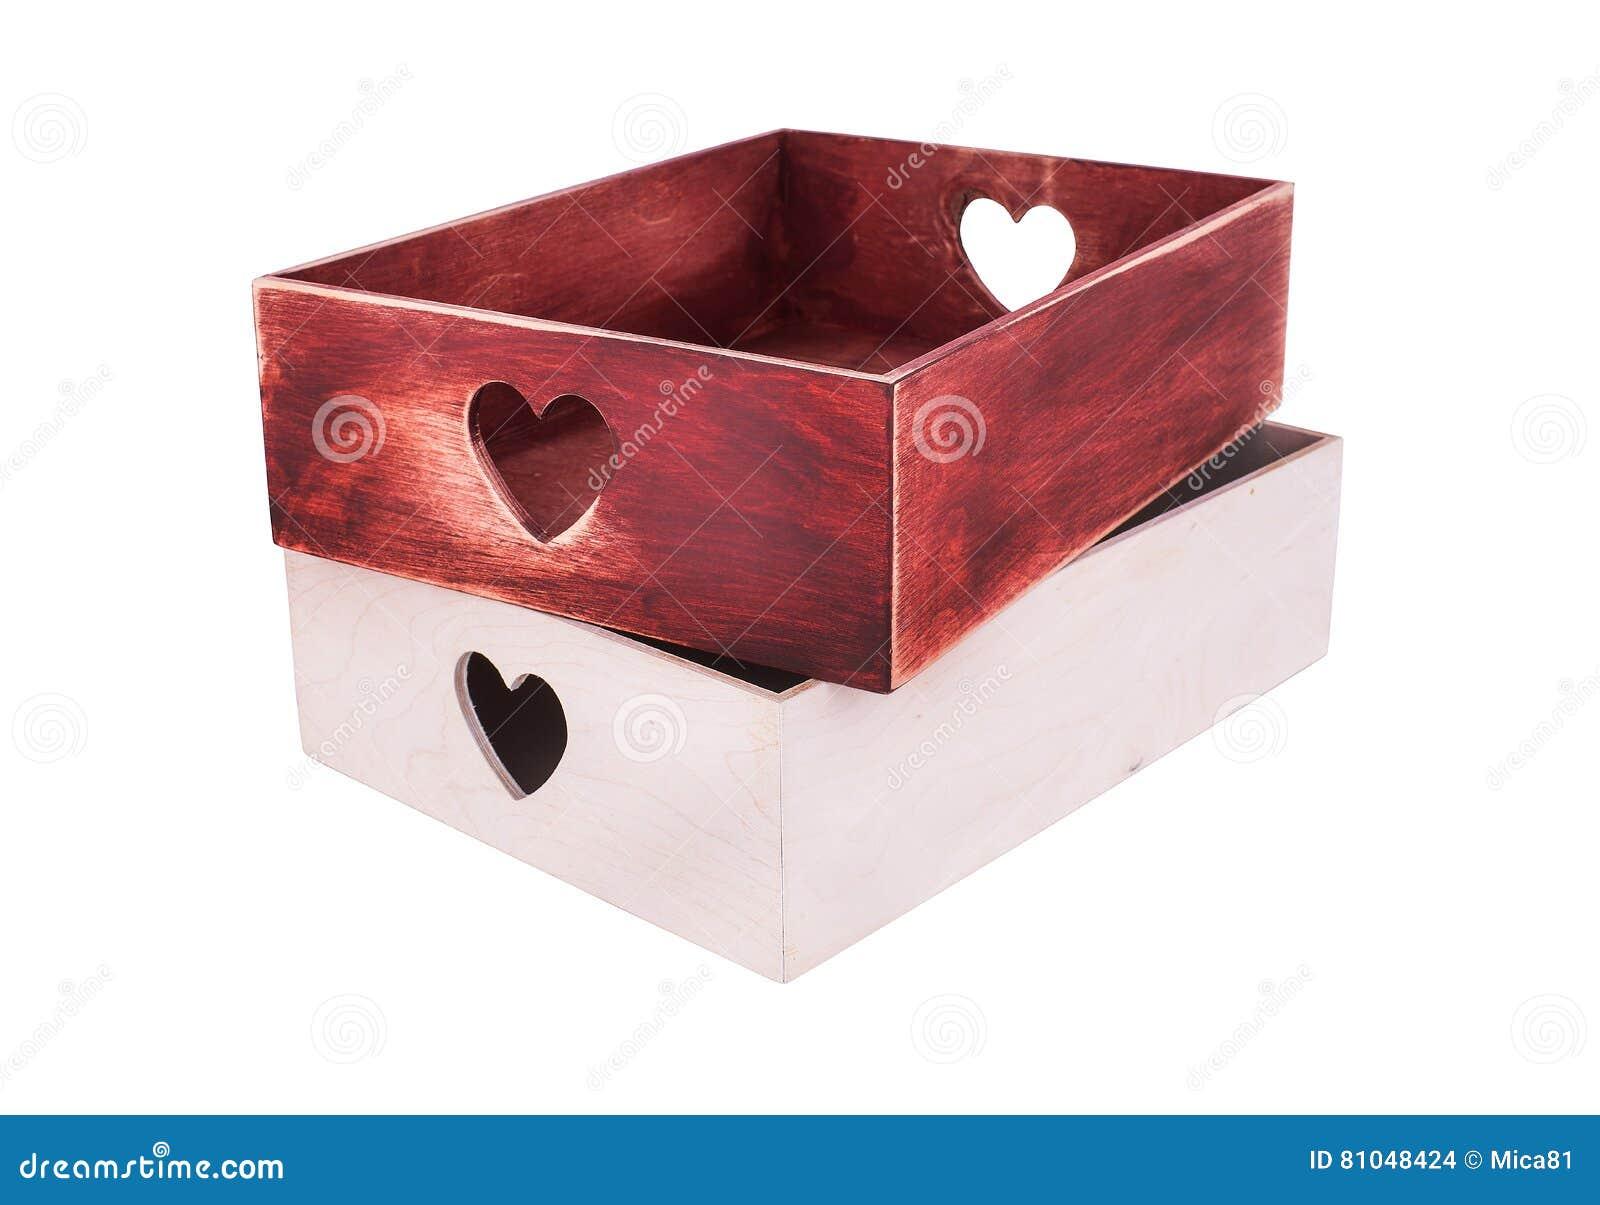 Decorative Wine Boxes Stock Photo Image Of Isolated 81048424